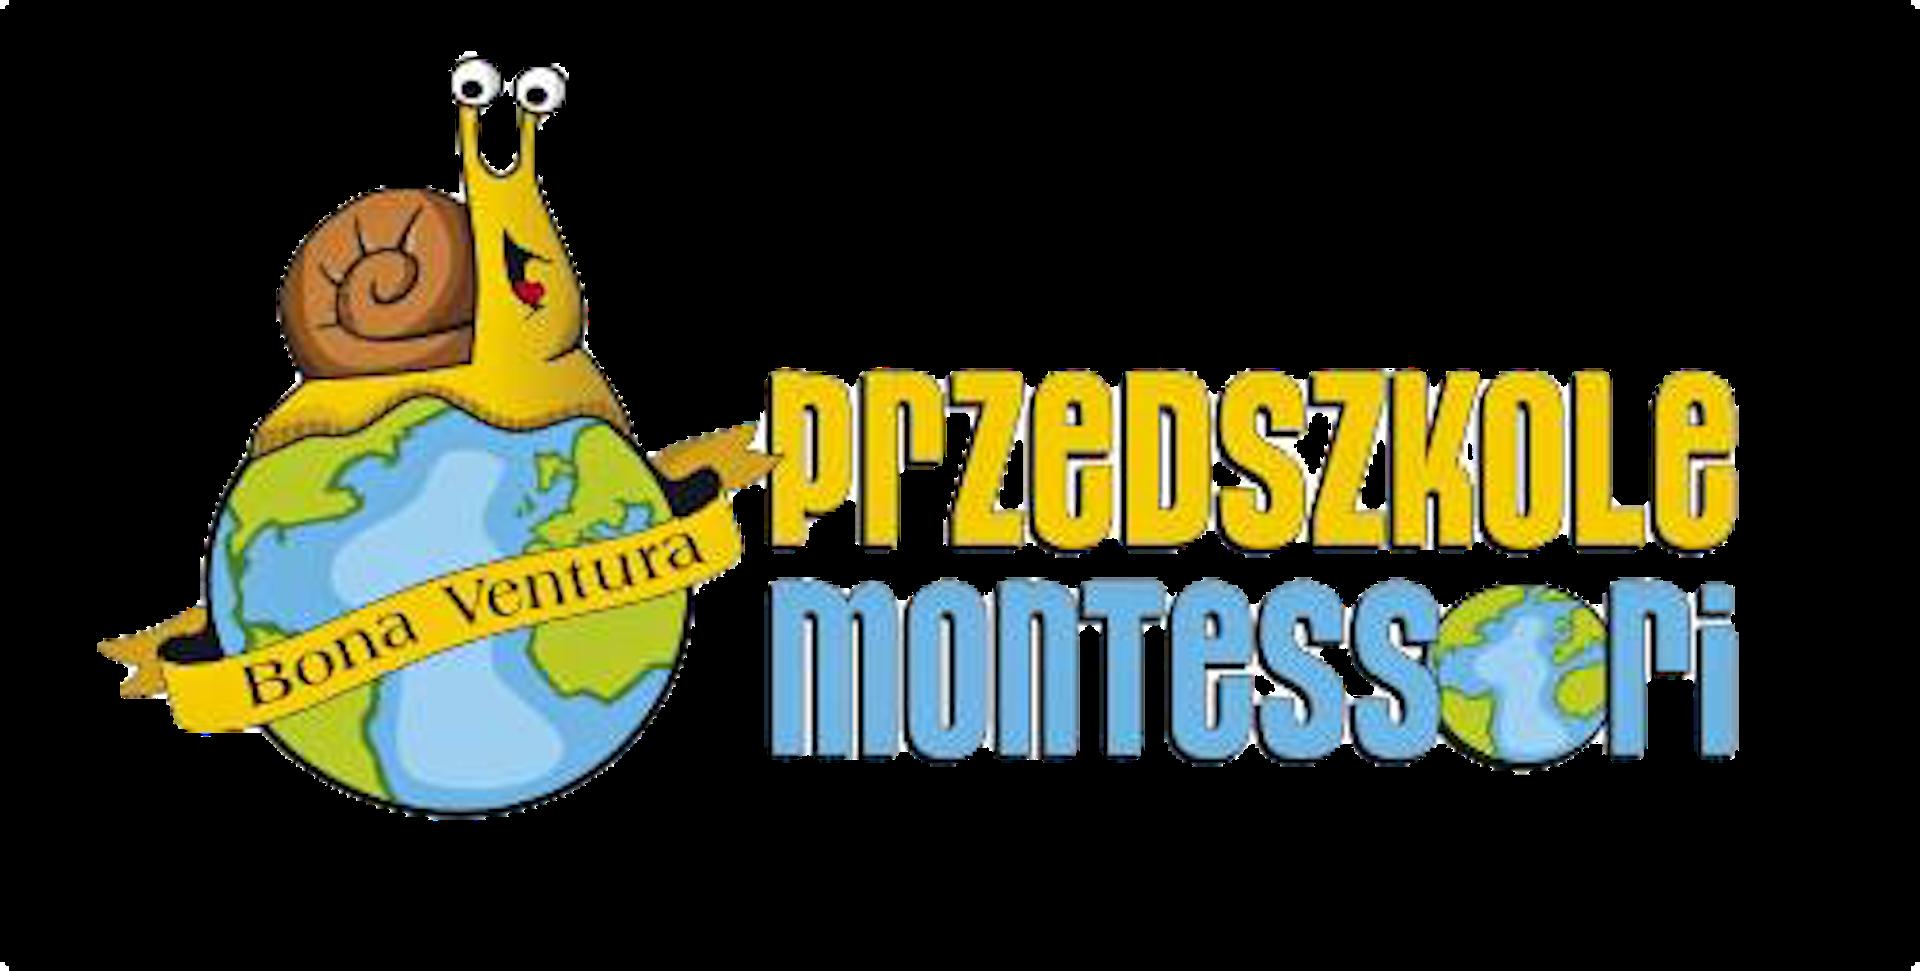 Przedszkole Kurów Montessori